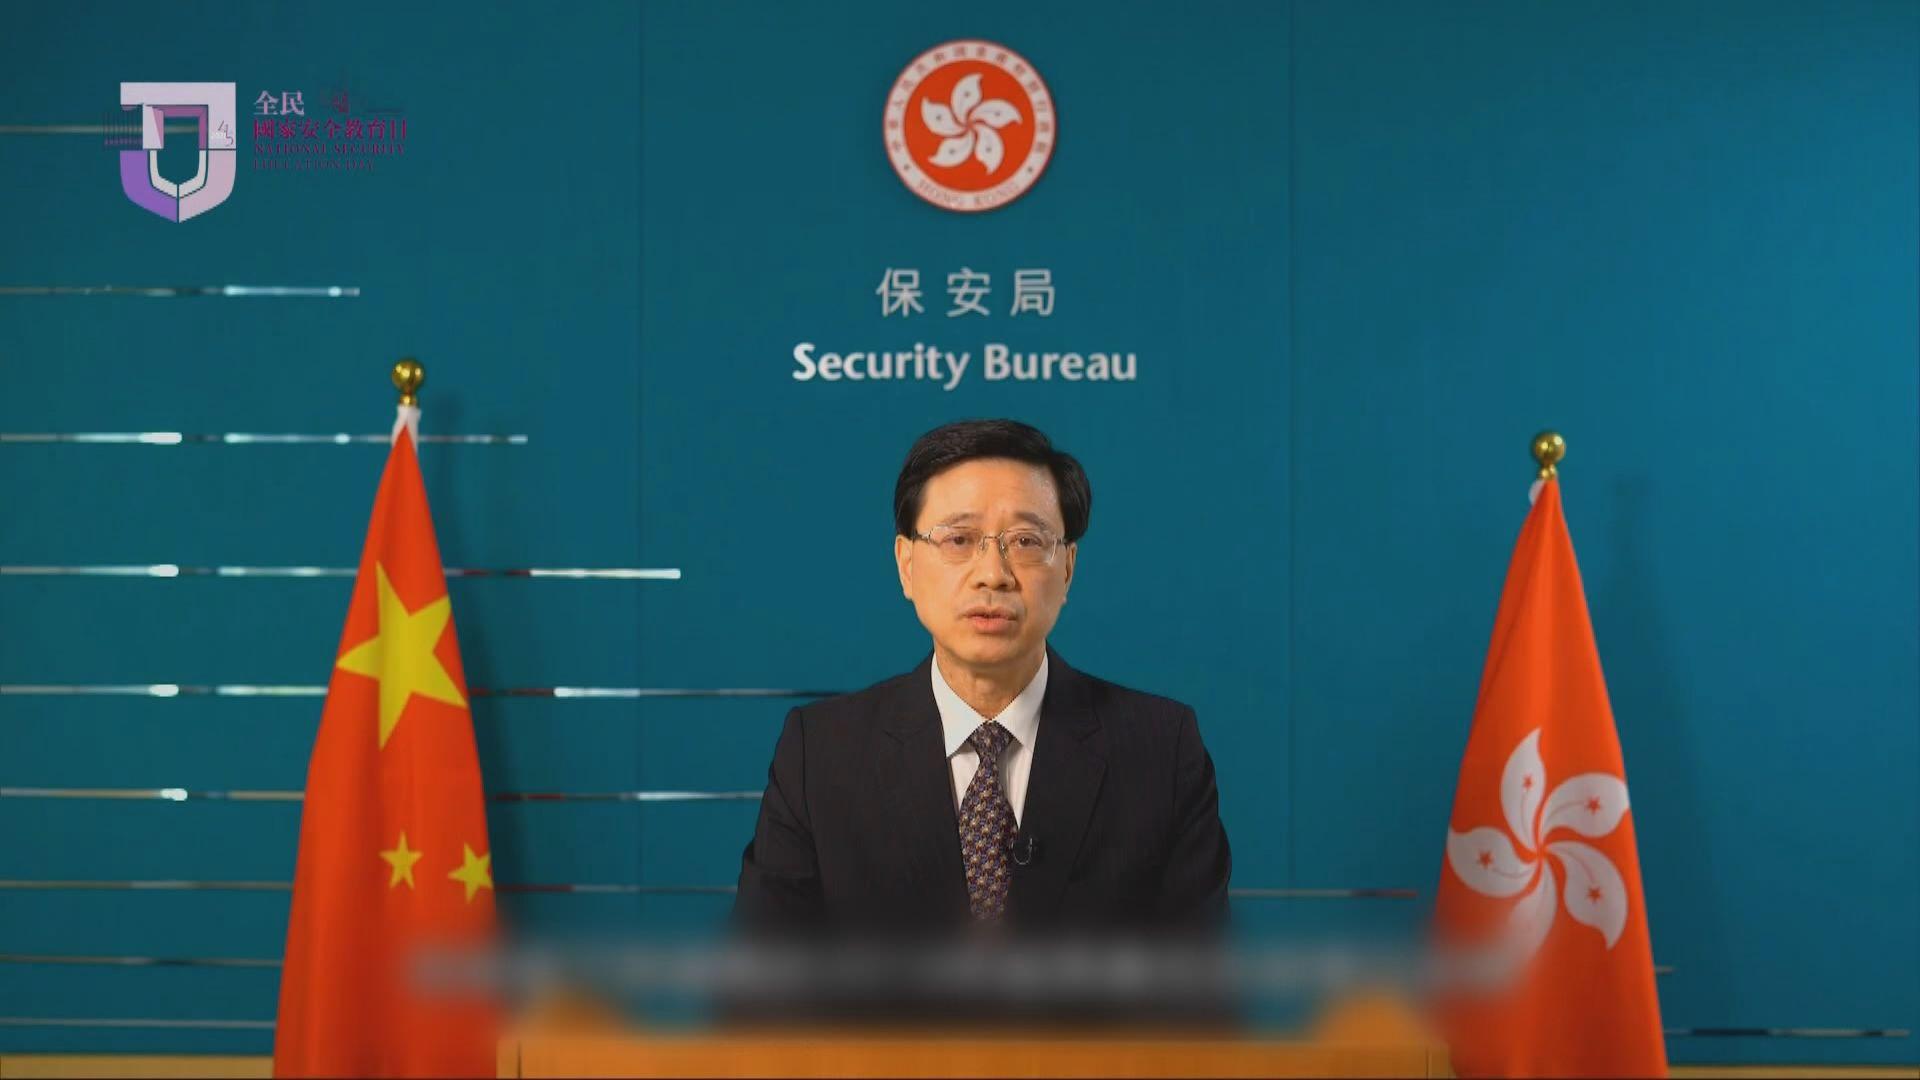 李家超:香港仍面對五大風險需警惕及防範